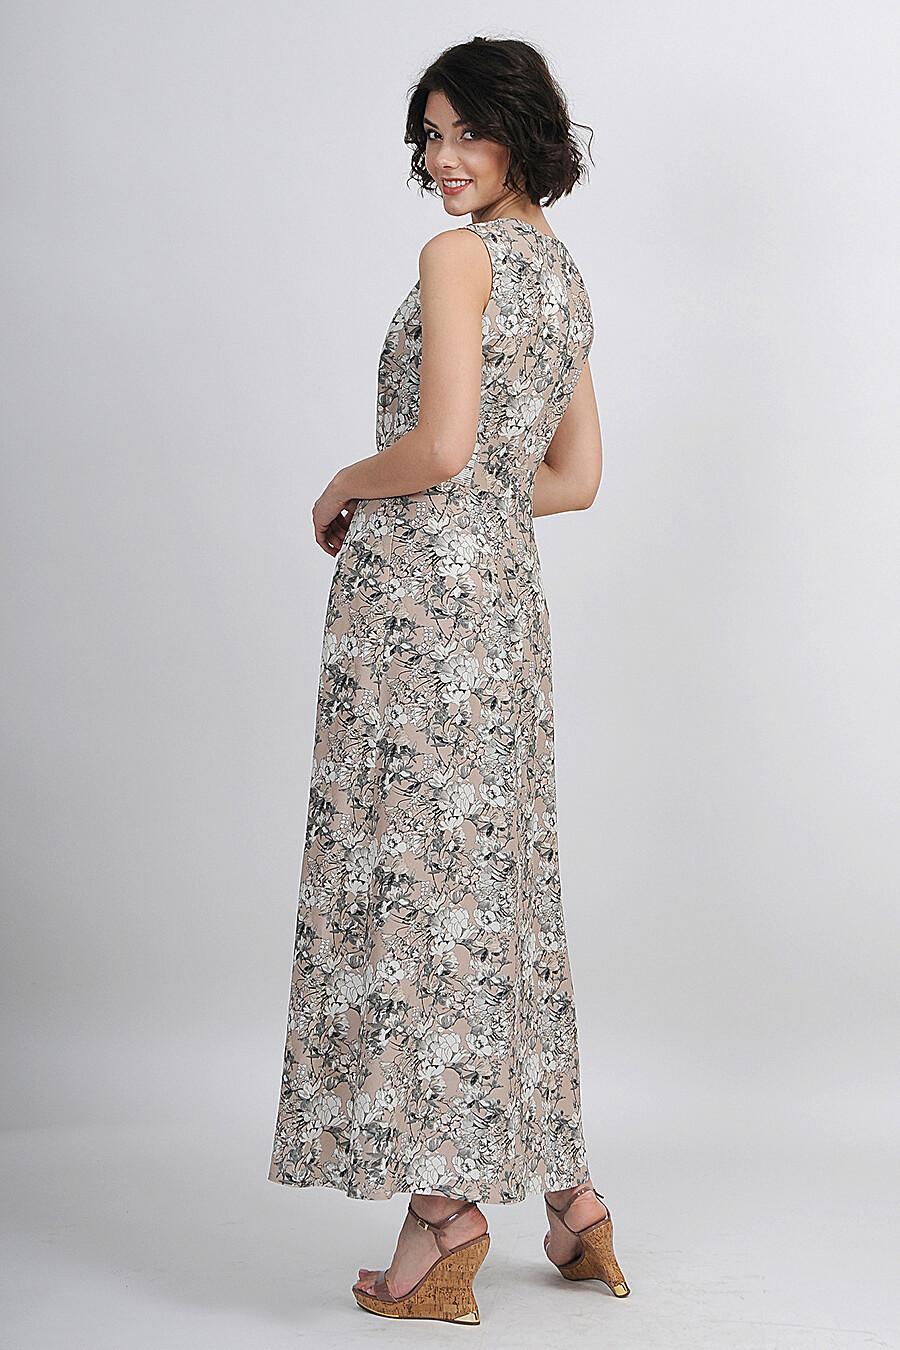 Платье для женщин Vemina 161295 купить оптом от производителя. Совместная покупка женской одежды в OptMoyo